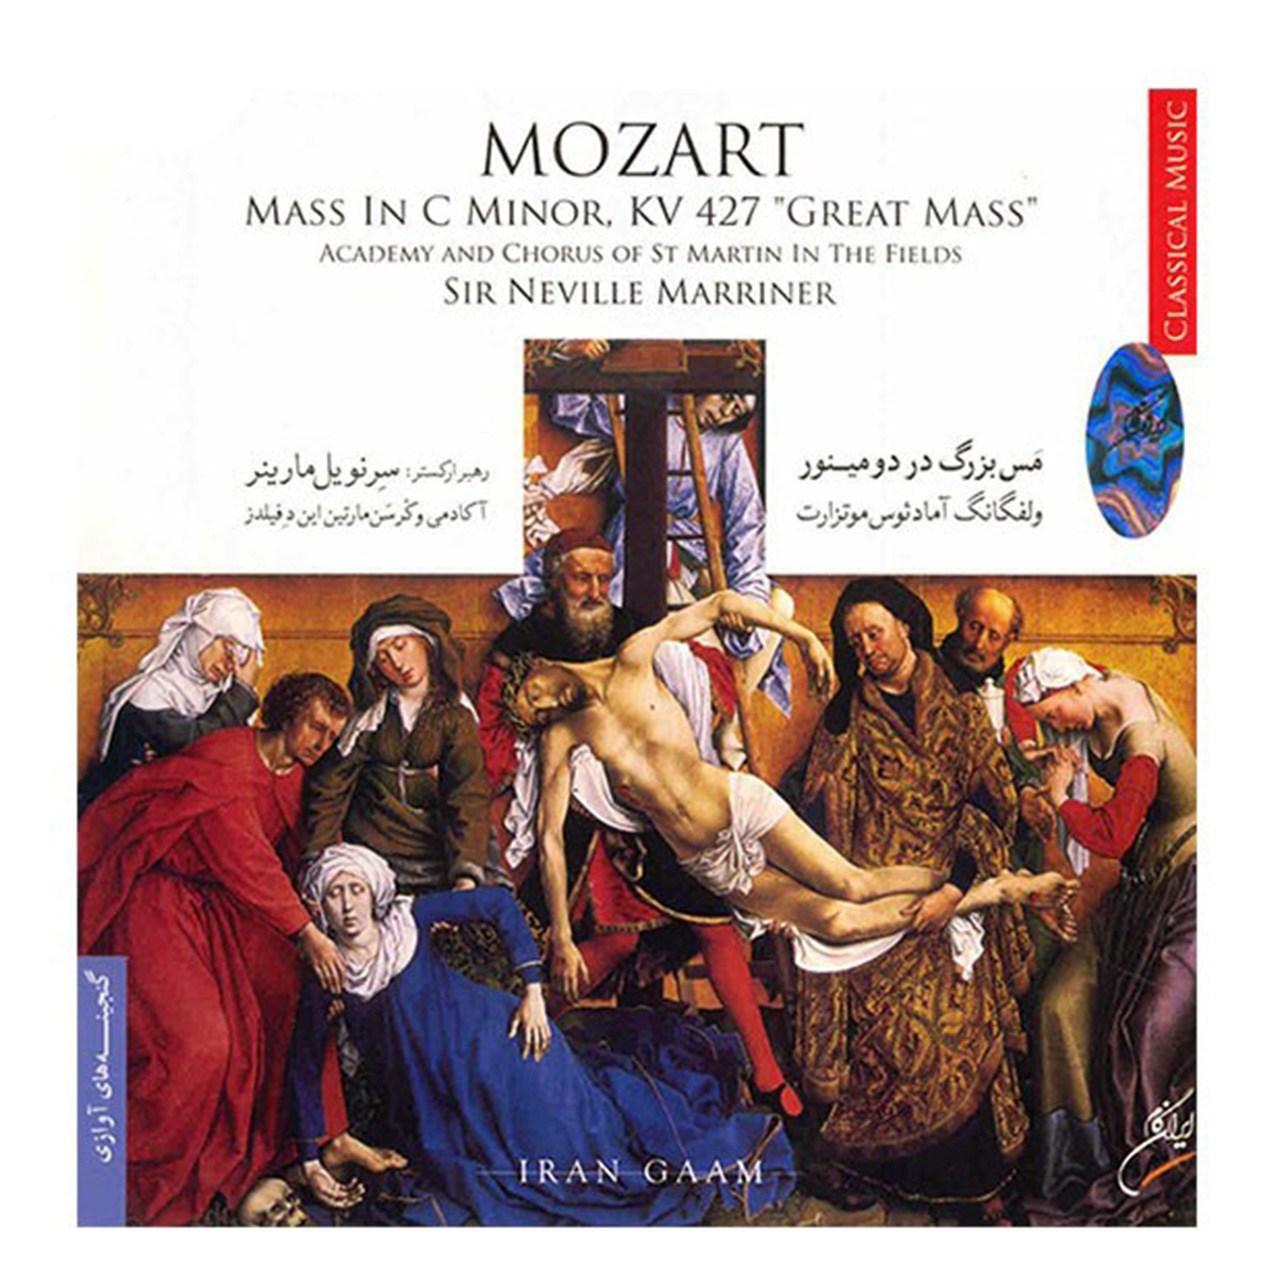 آلبوم موسیقی مس بزرگ در دو مینور - موتسارت